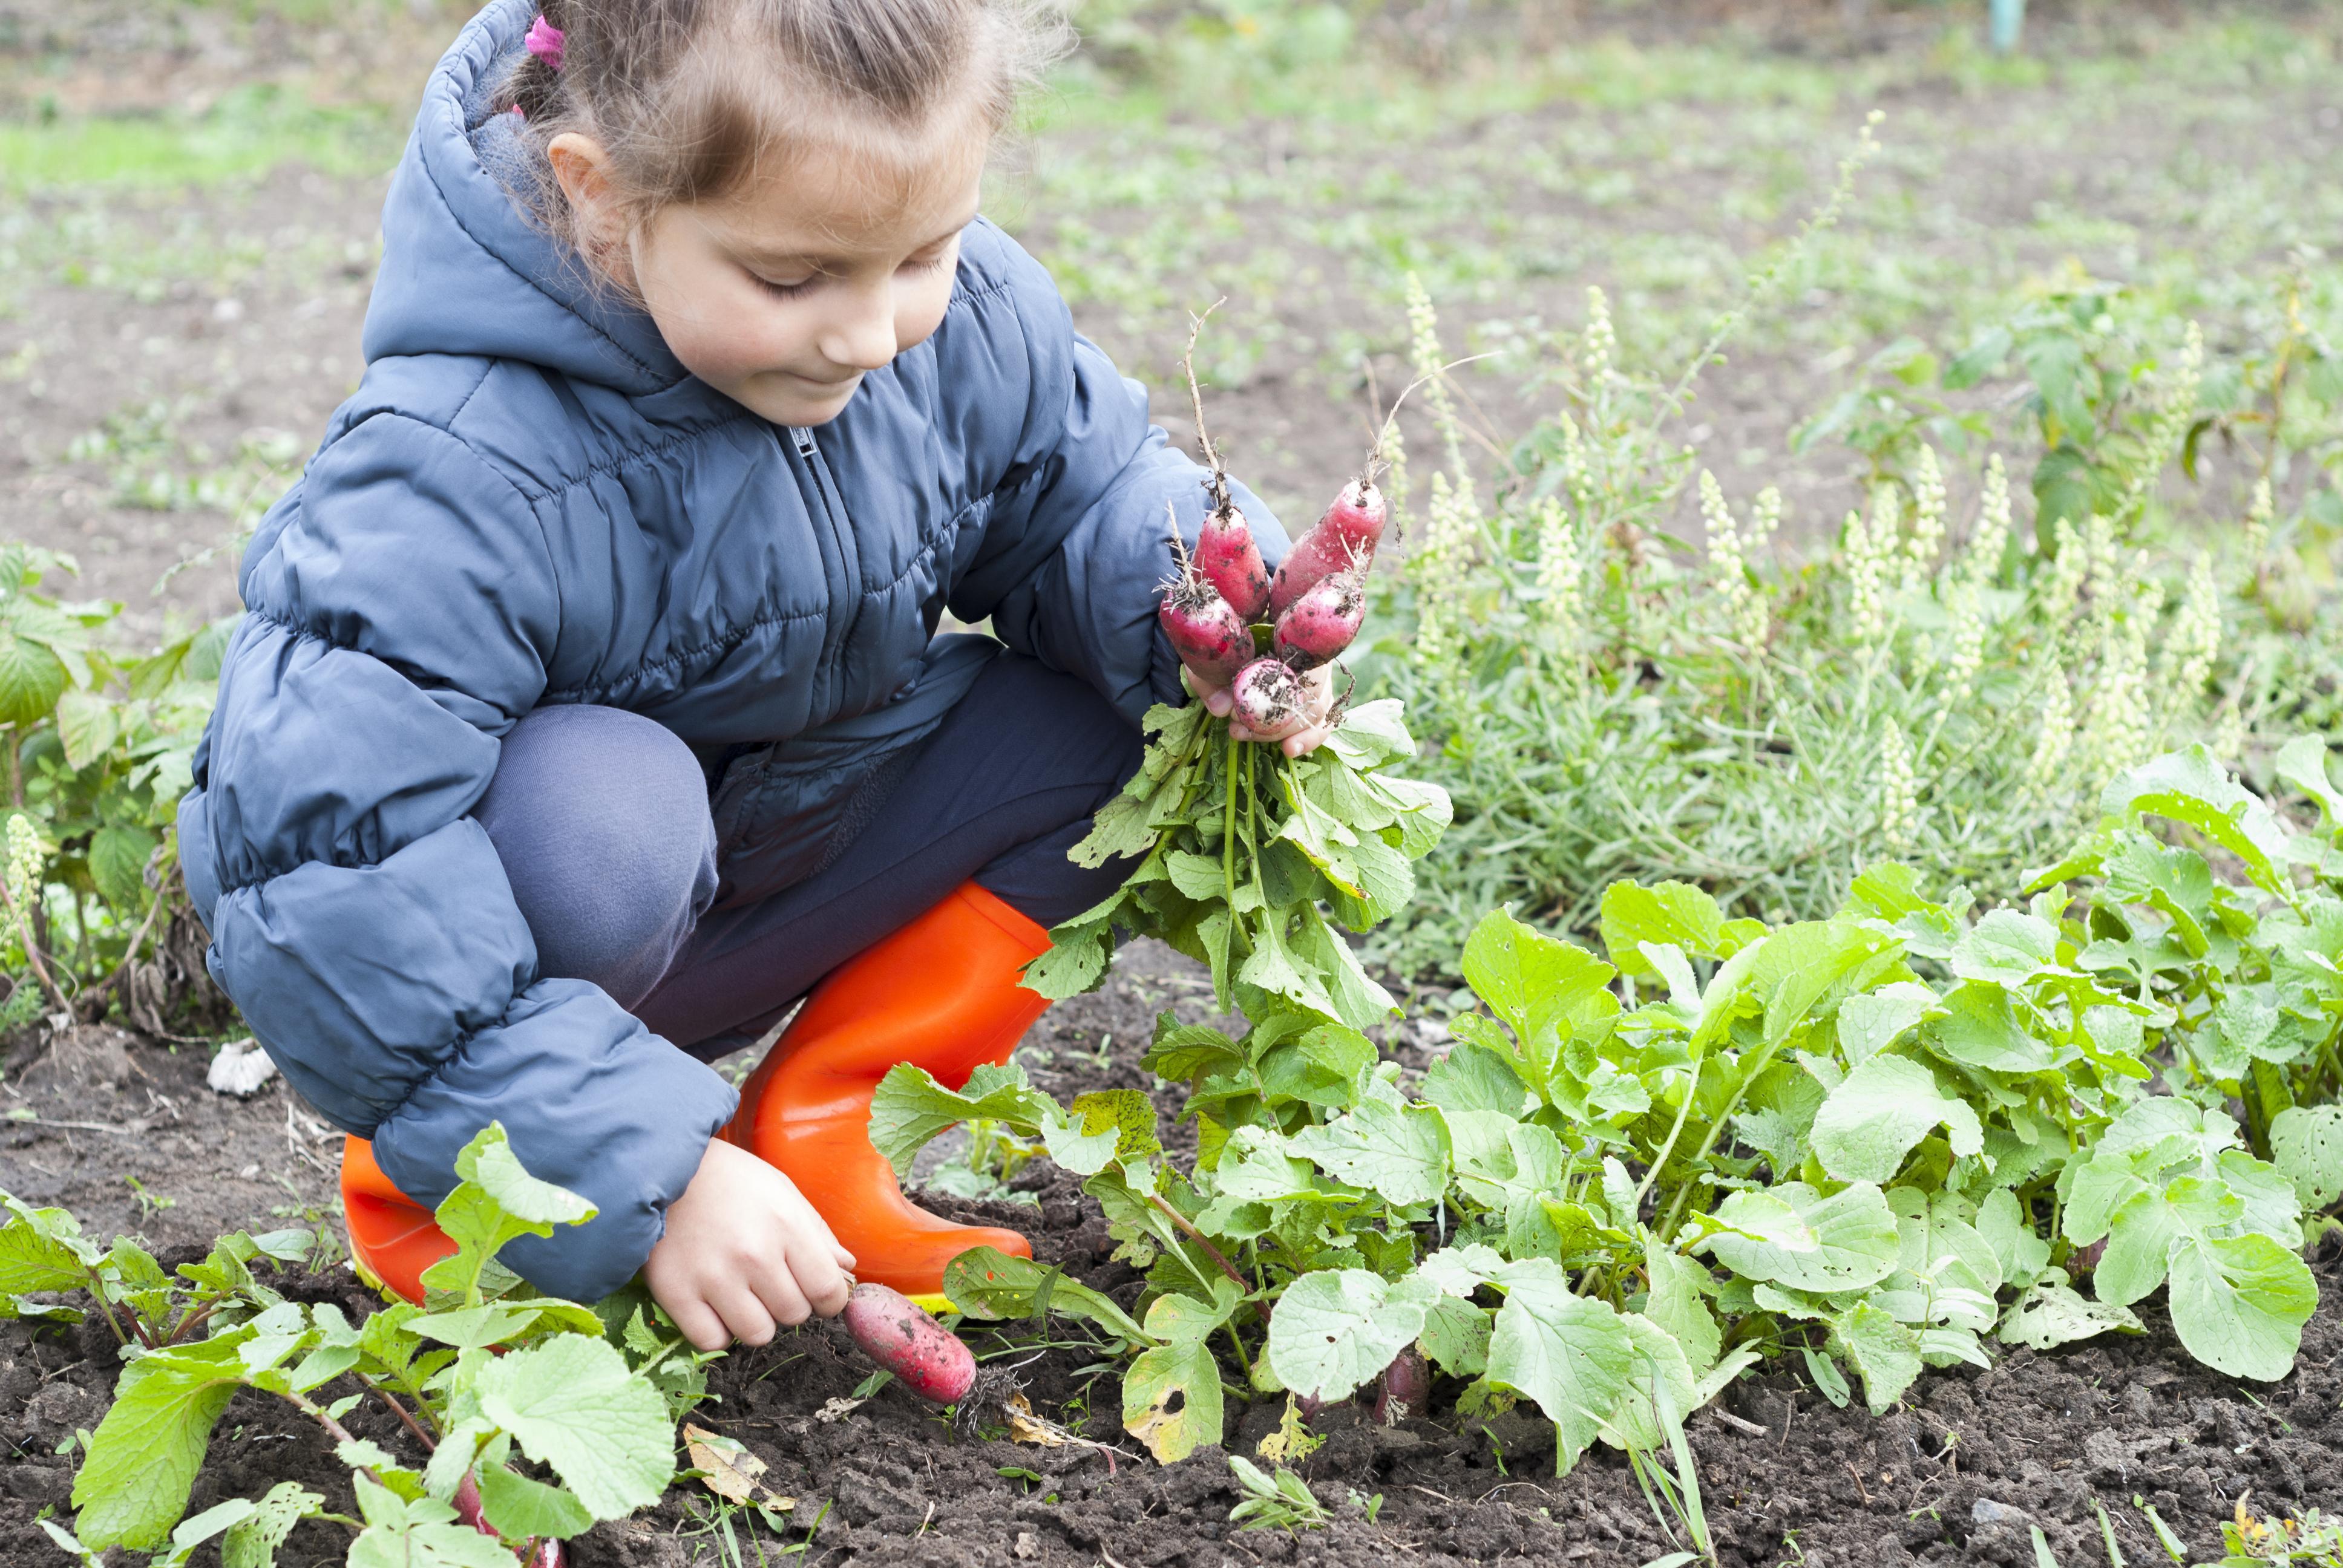 In The Garden Help Children Cultivate Interest In Gardening The